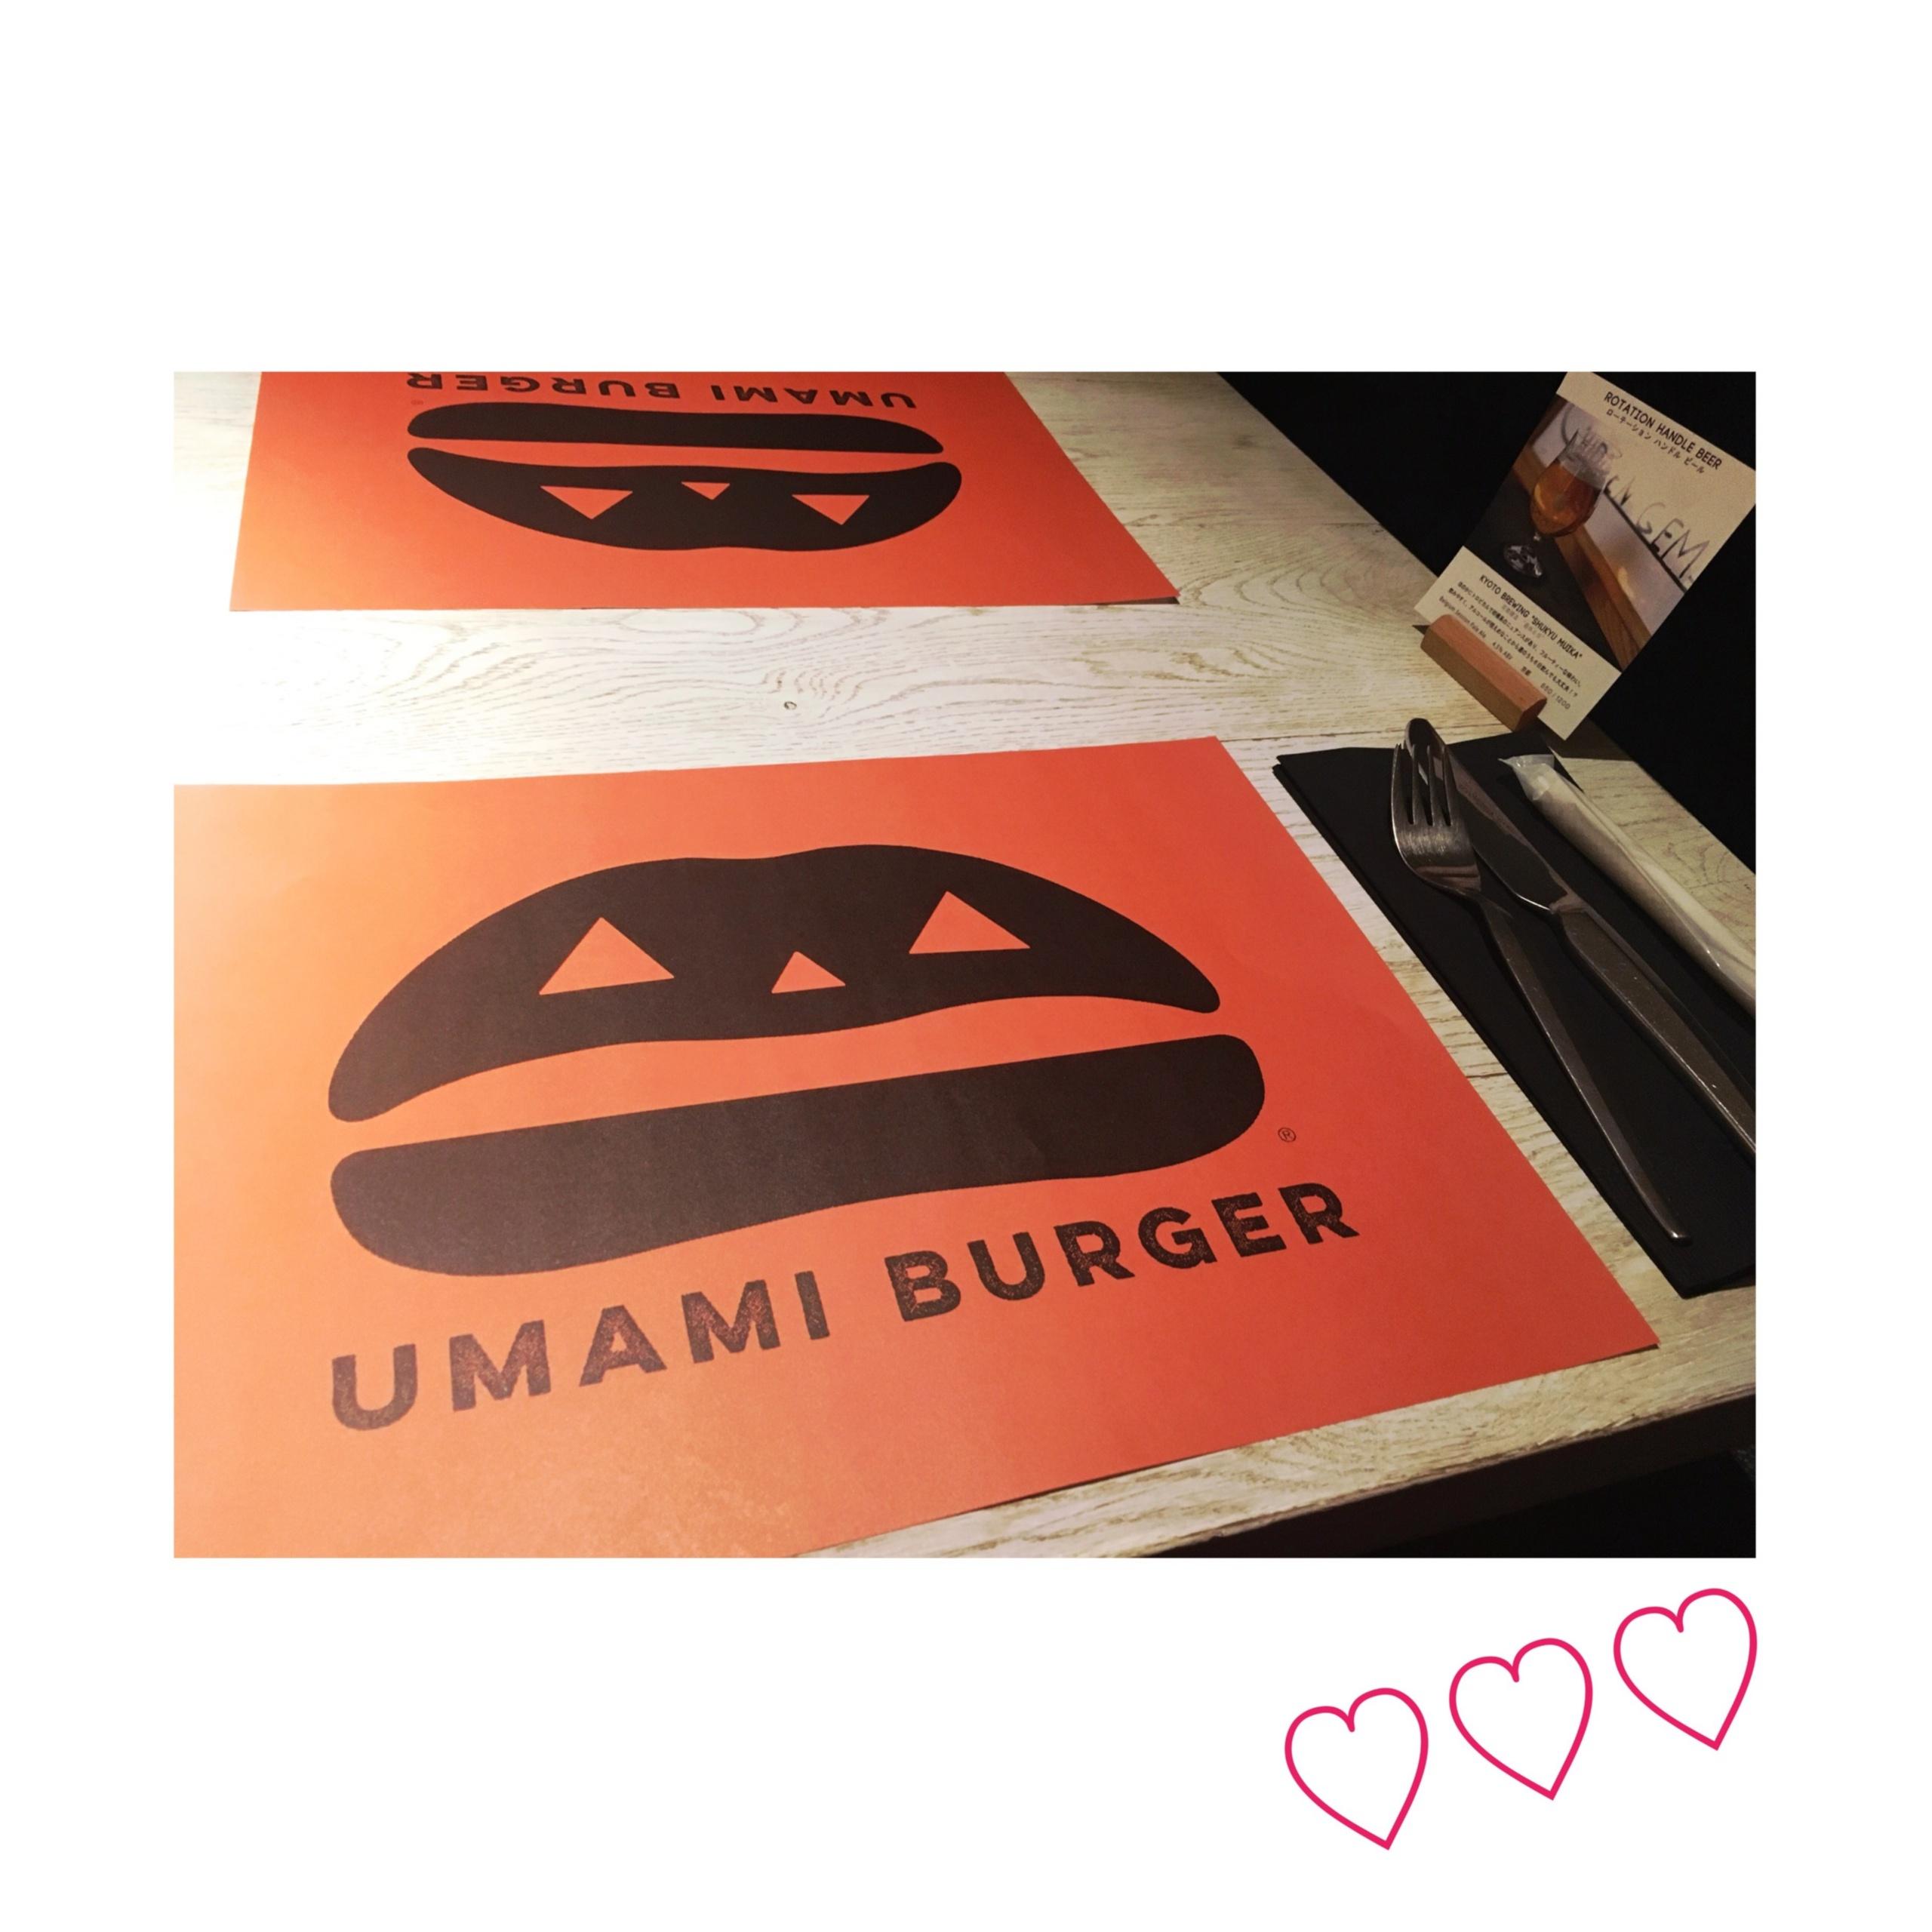 《ご当地MORE★》東京に来たら必ず食べてほしいイチオシの美味ハンバーガーはここ、【UMAMI BURGER】で❤️!_5